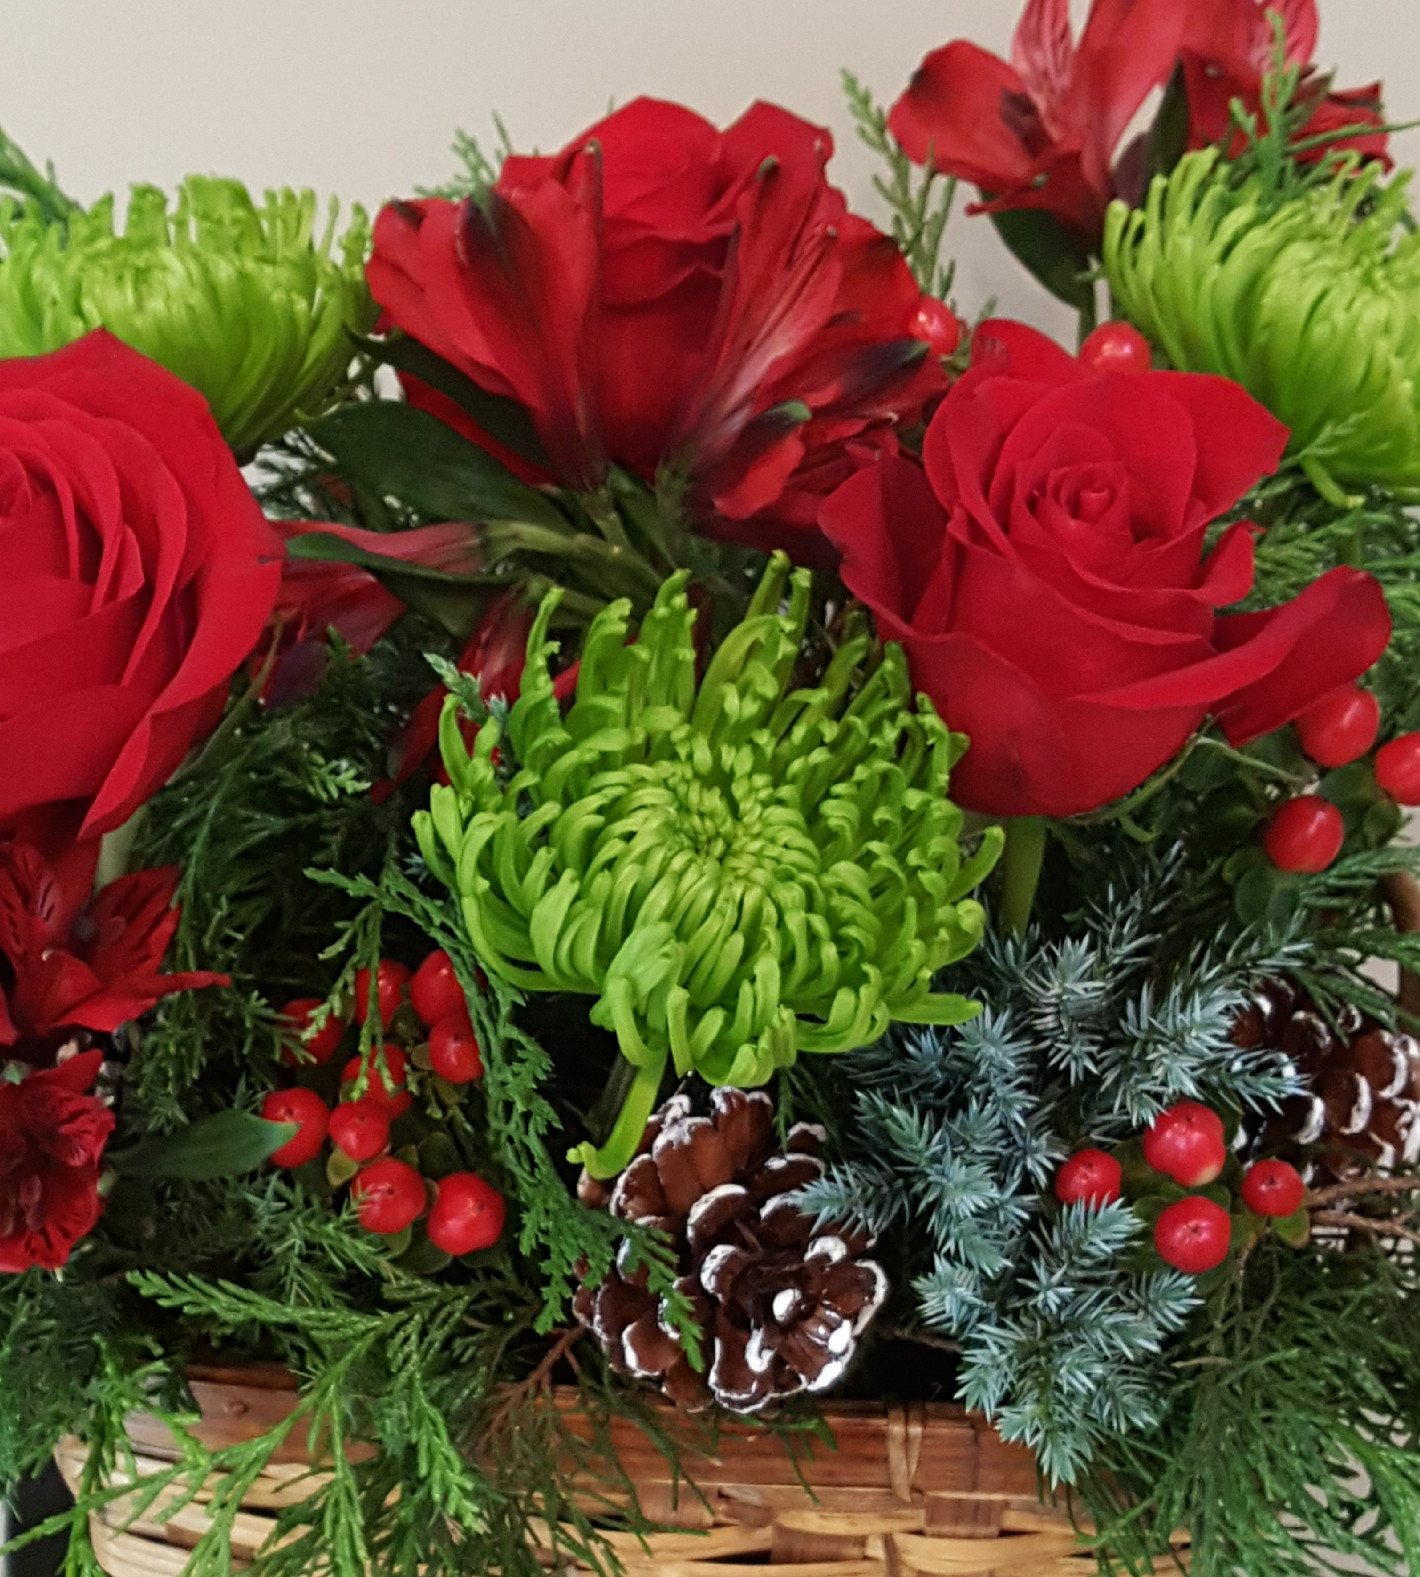 Winter Floral Arrangement - 12/3/18